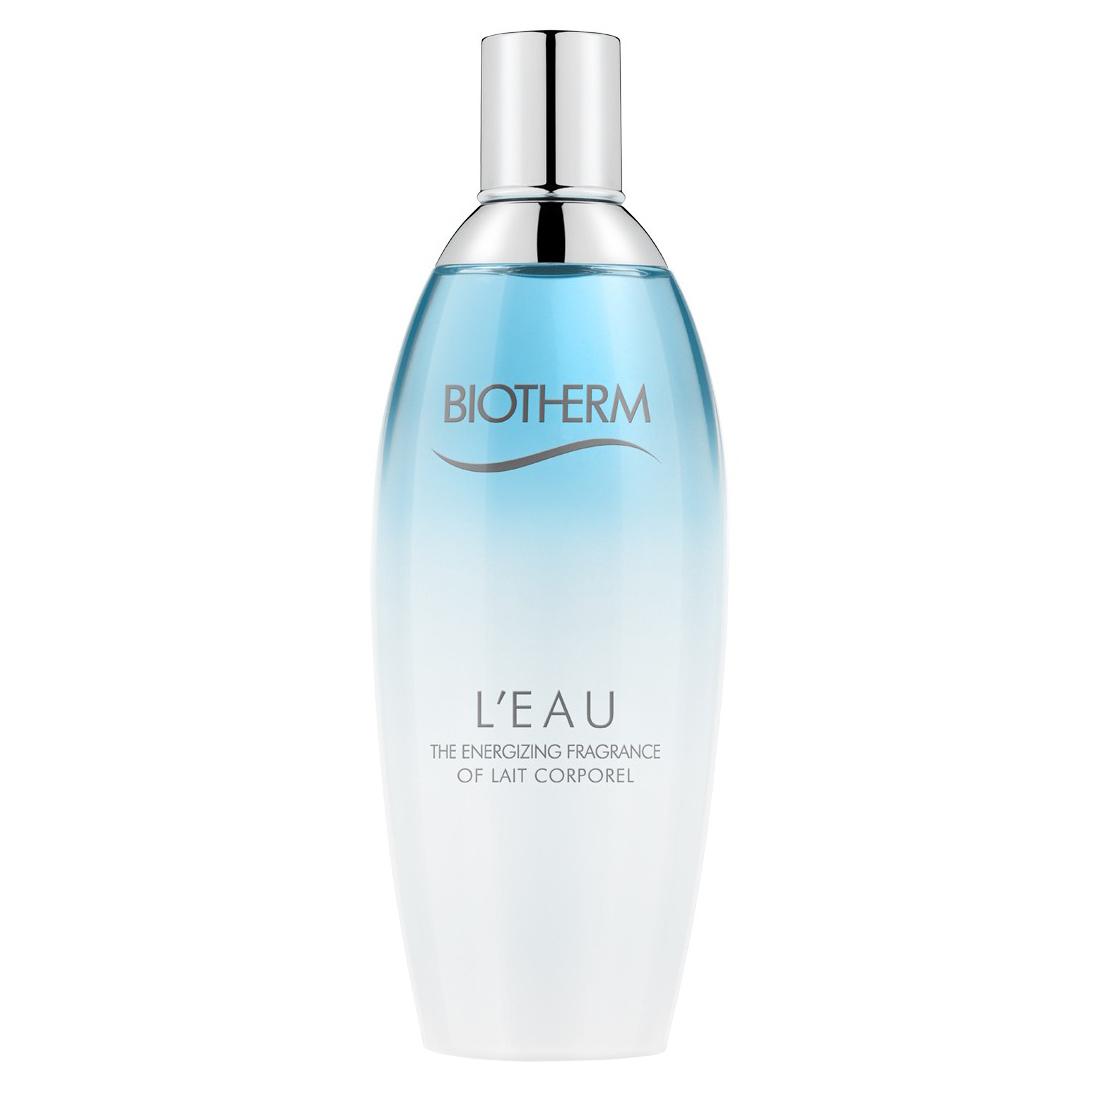 Biotherm - L'Eau - Spray parfumé Vaporisateur 100 ml